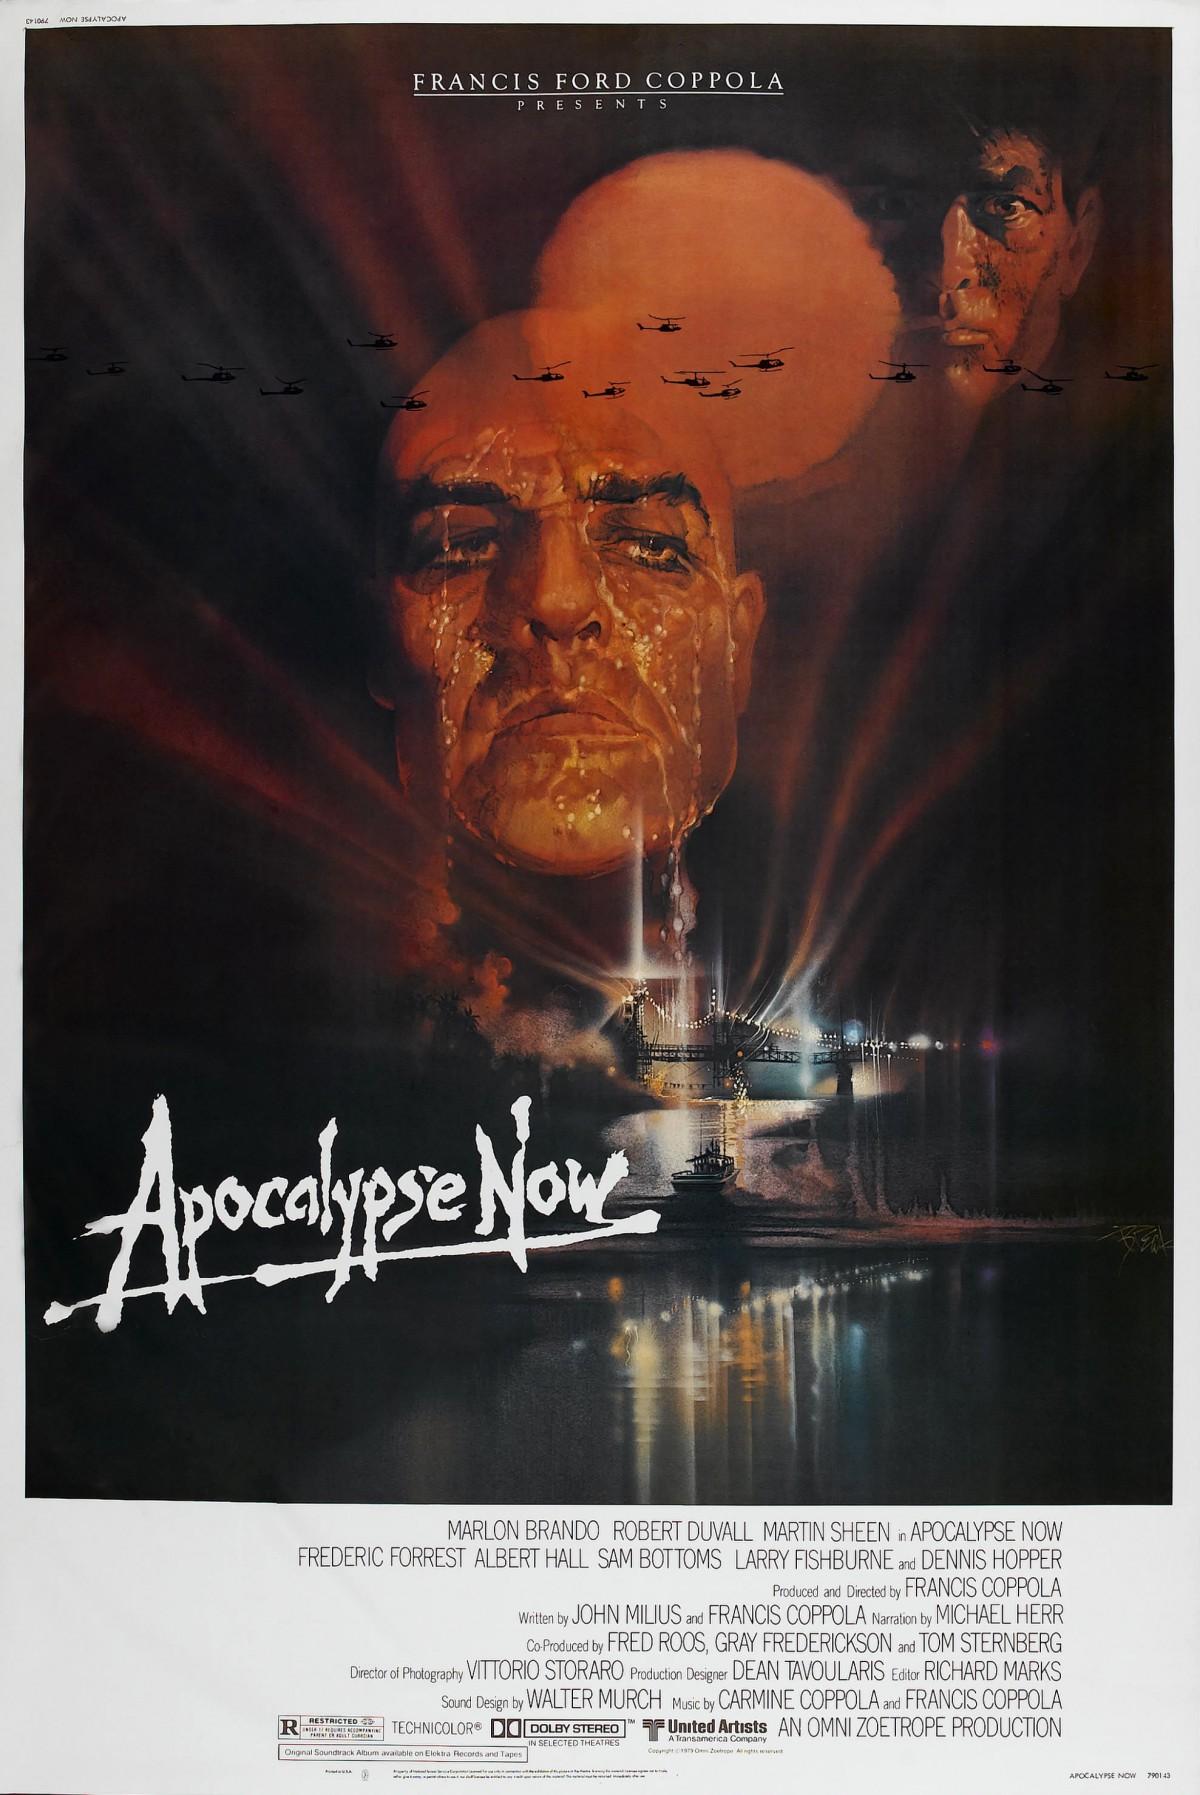 6. Apocalypse Now (1979)